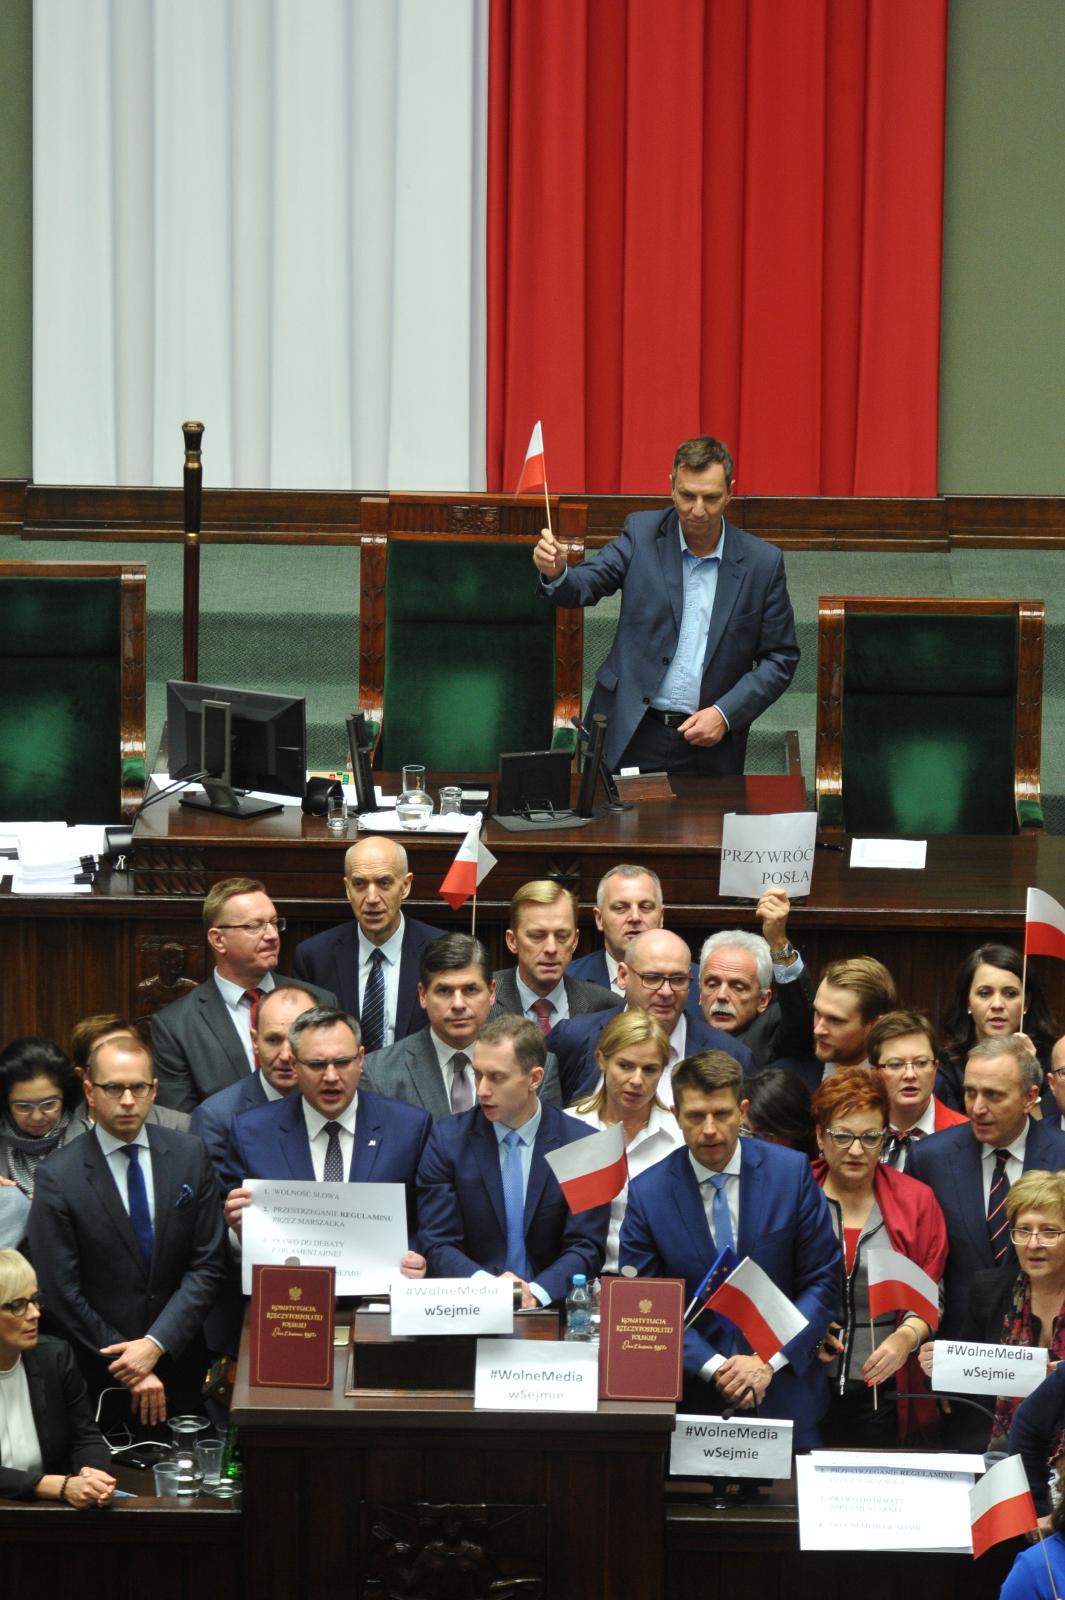 Posłowie opozycji blokują mównicę podczas posiedzenia Sejmu domagając się przywrócenia do udziału w obradach wykluczonego wczeœśniej przez marszałka, posła PO Michała Szczerby. PAP/Marcin Obara